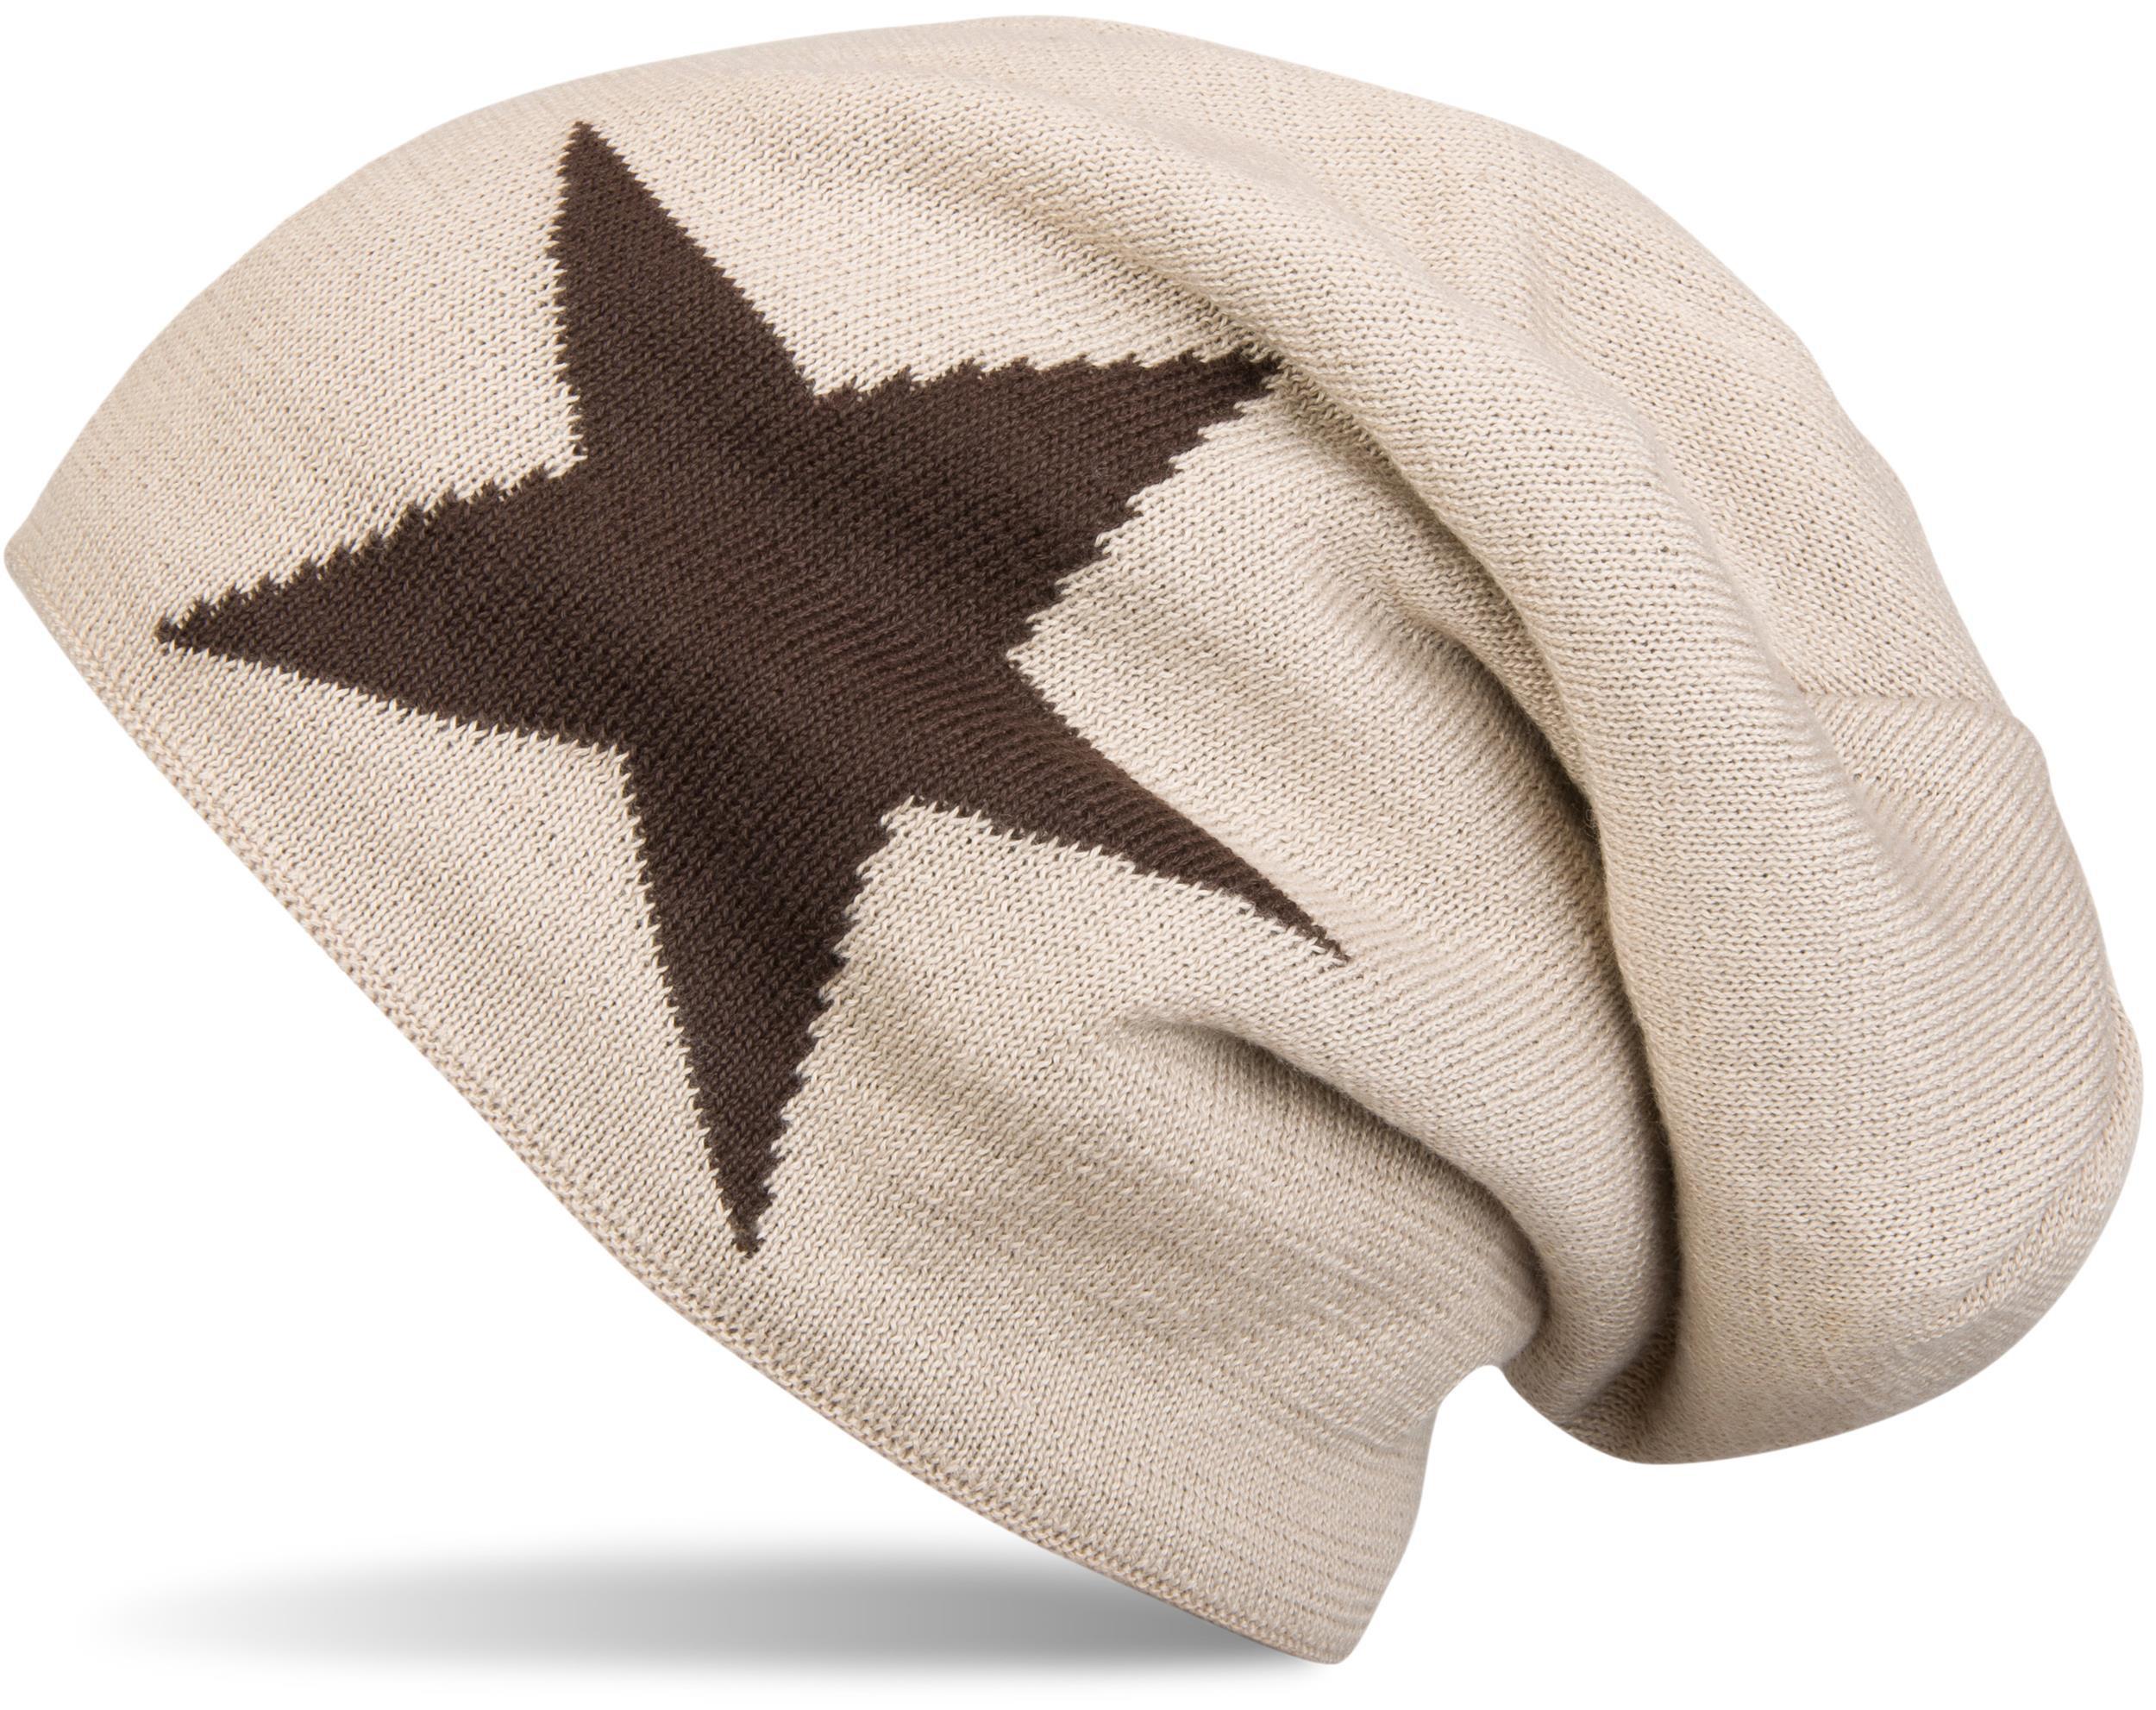 Warme klassische Unisex Strick Beanie Mütze mit Stern ...